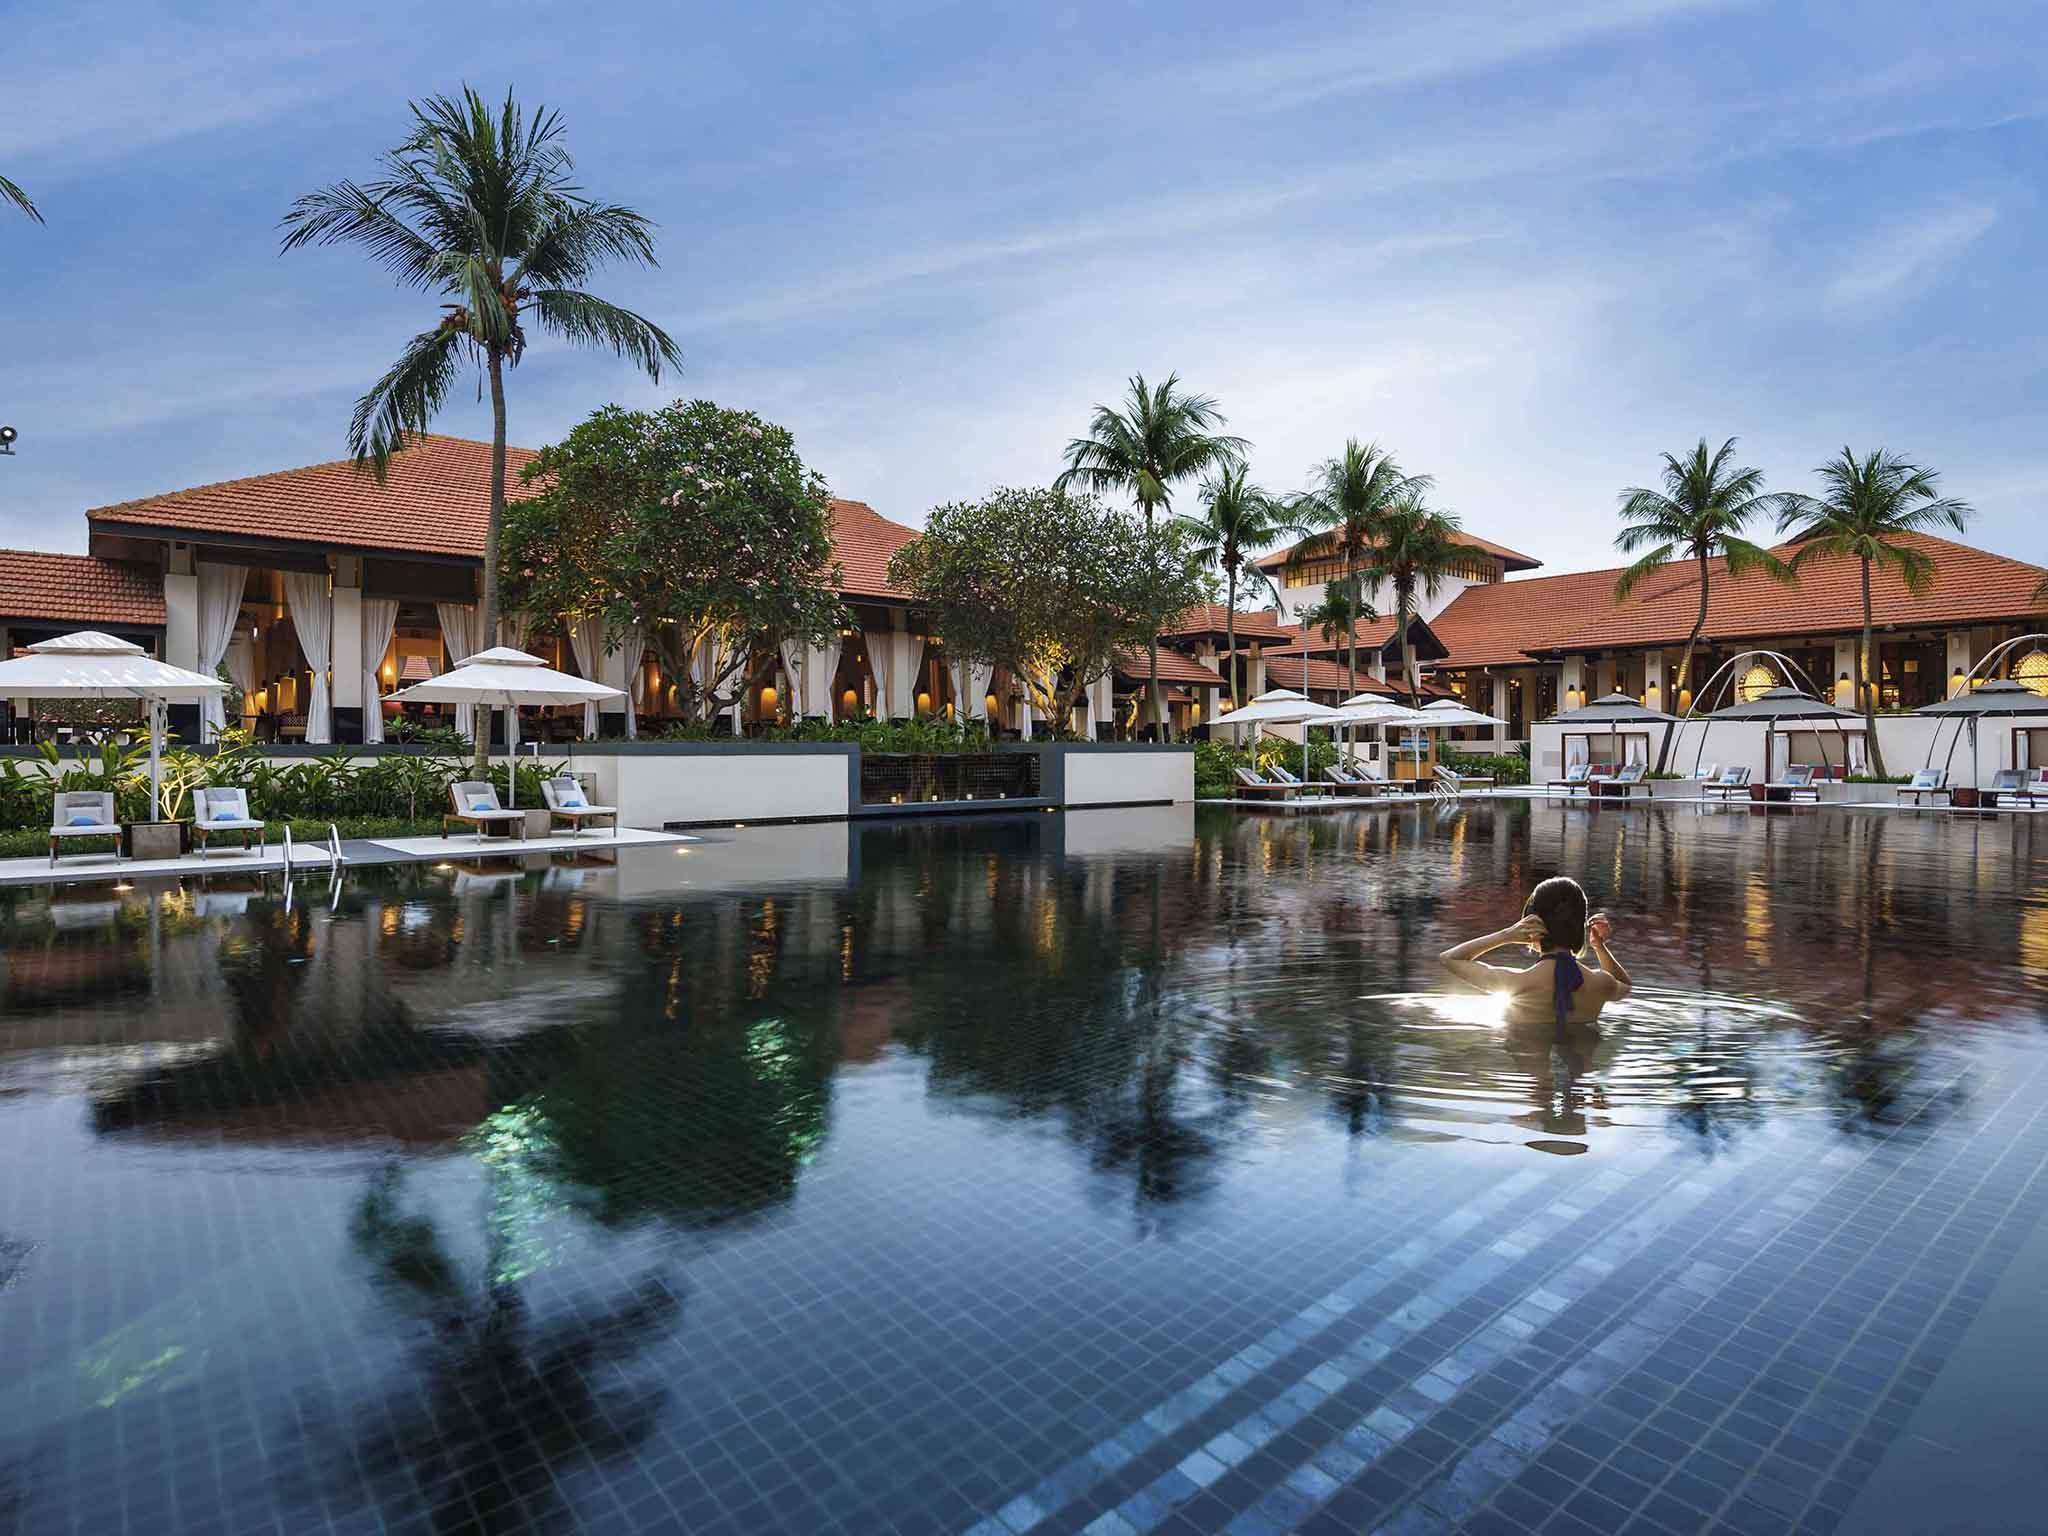 فندق - منتجع وسبا سوفيتل Sofitel سنغافورة سنتوسا Sentosa